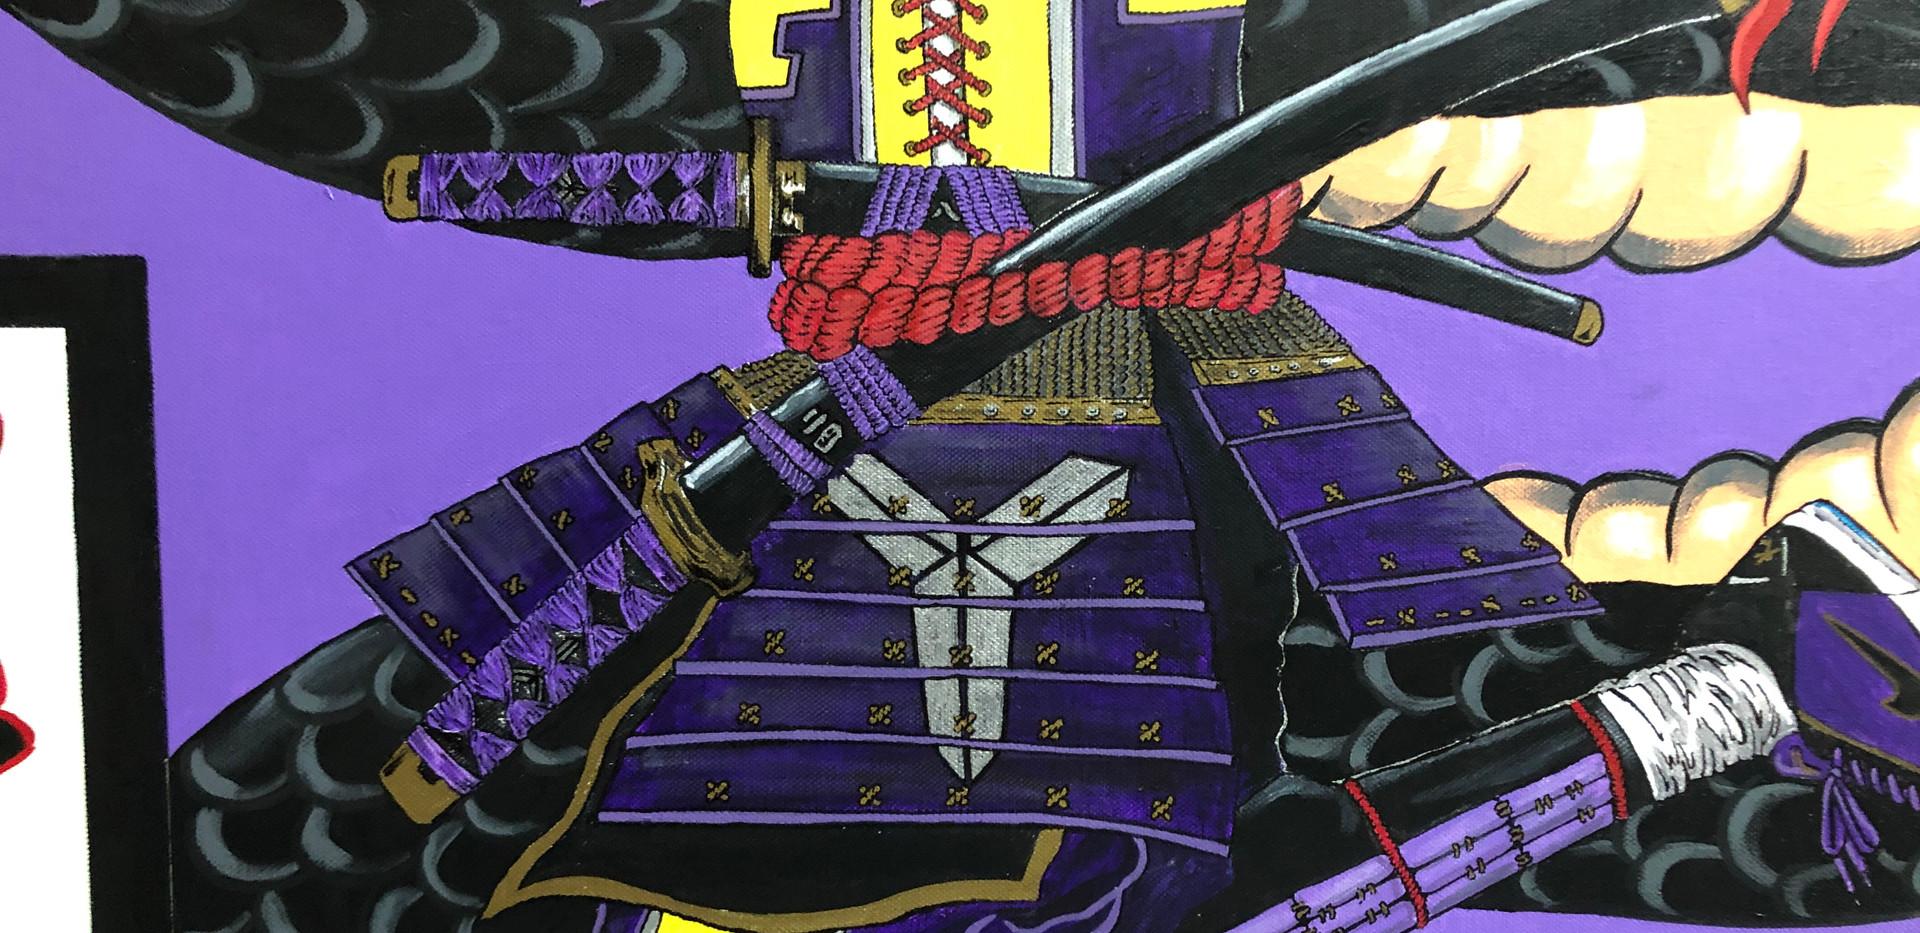 Kobe_Samurai_120x100cm_8.jpeg